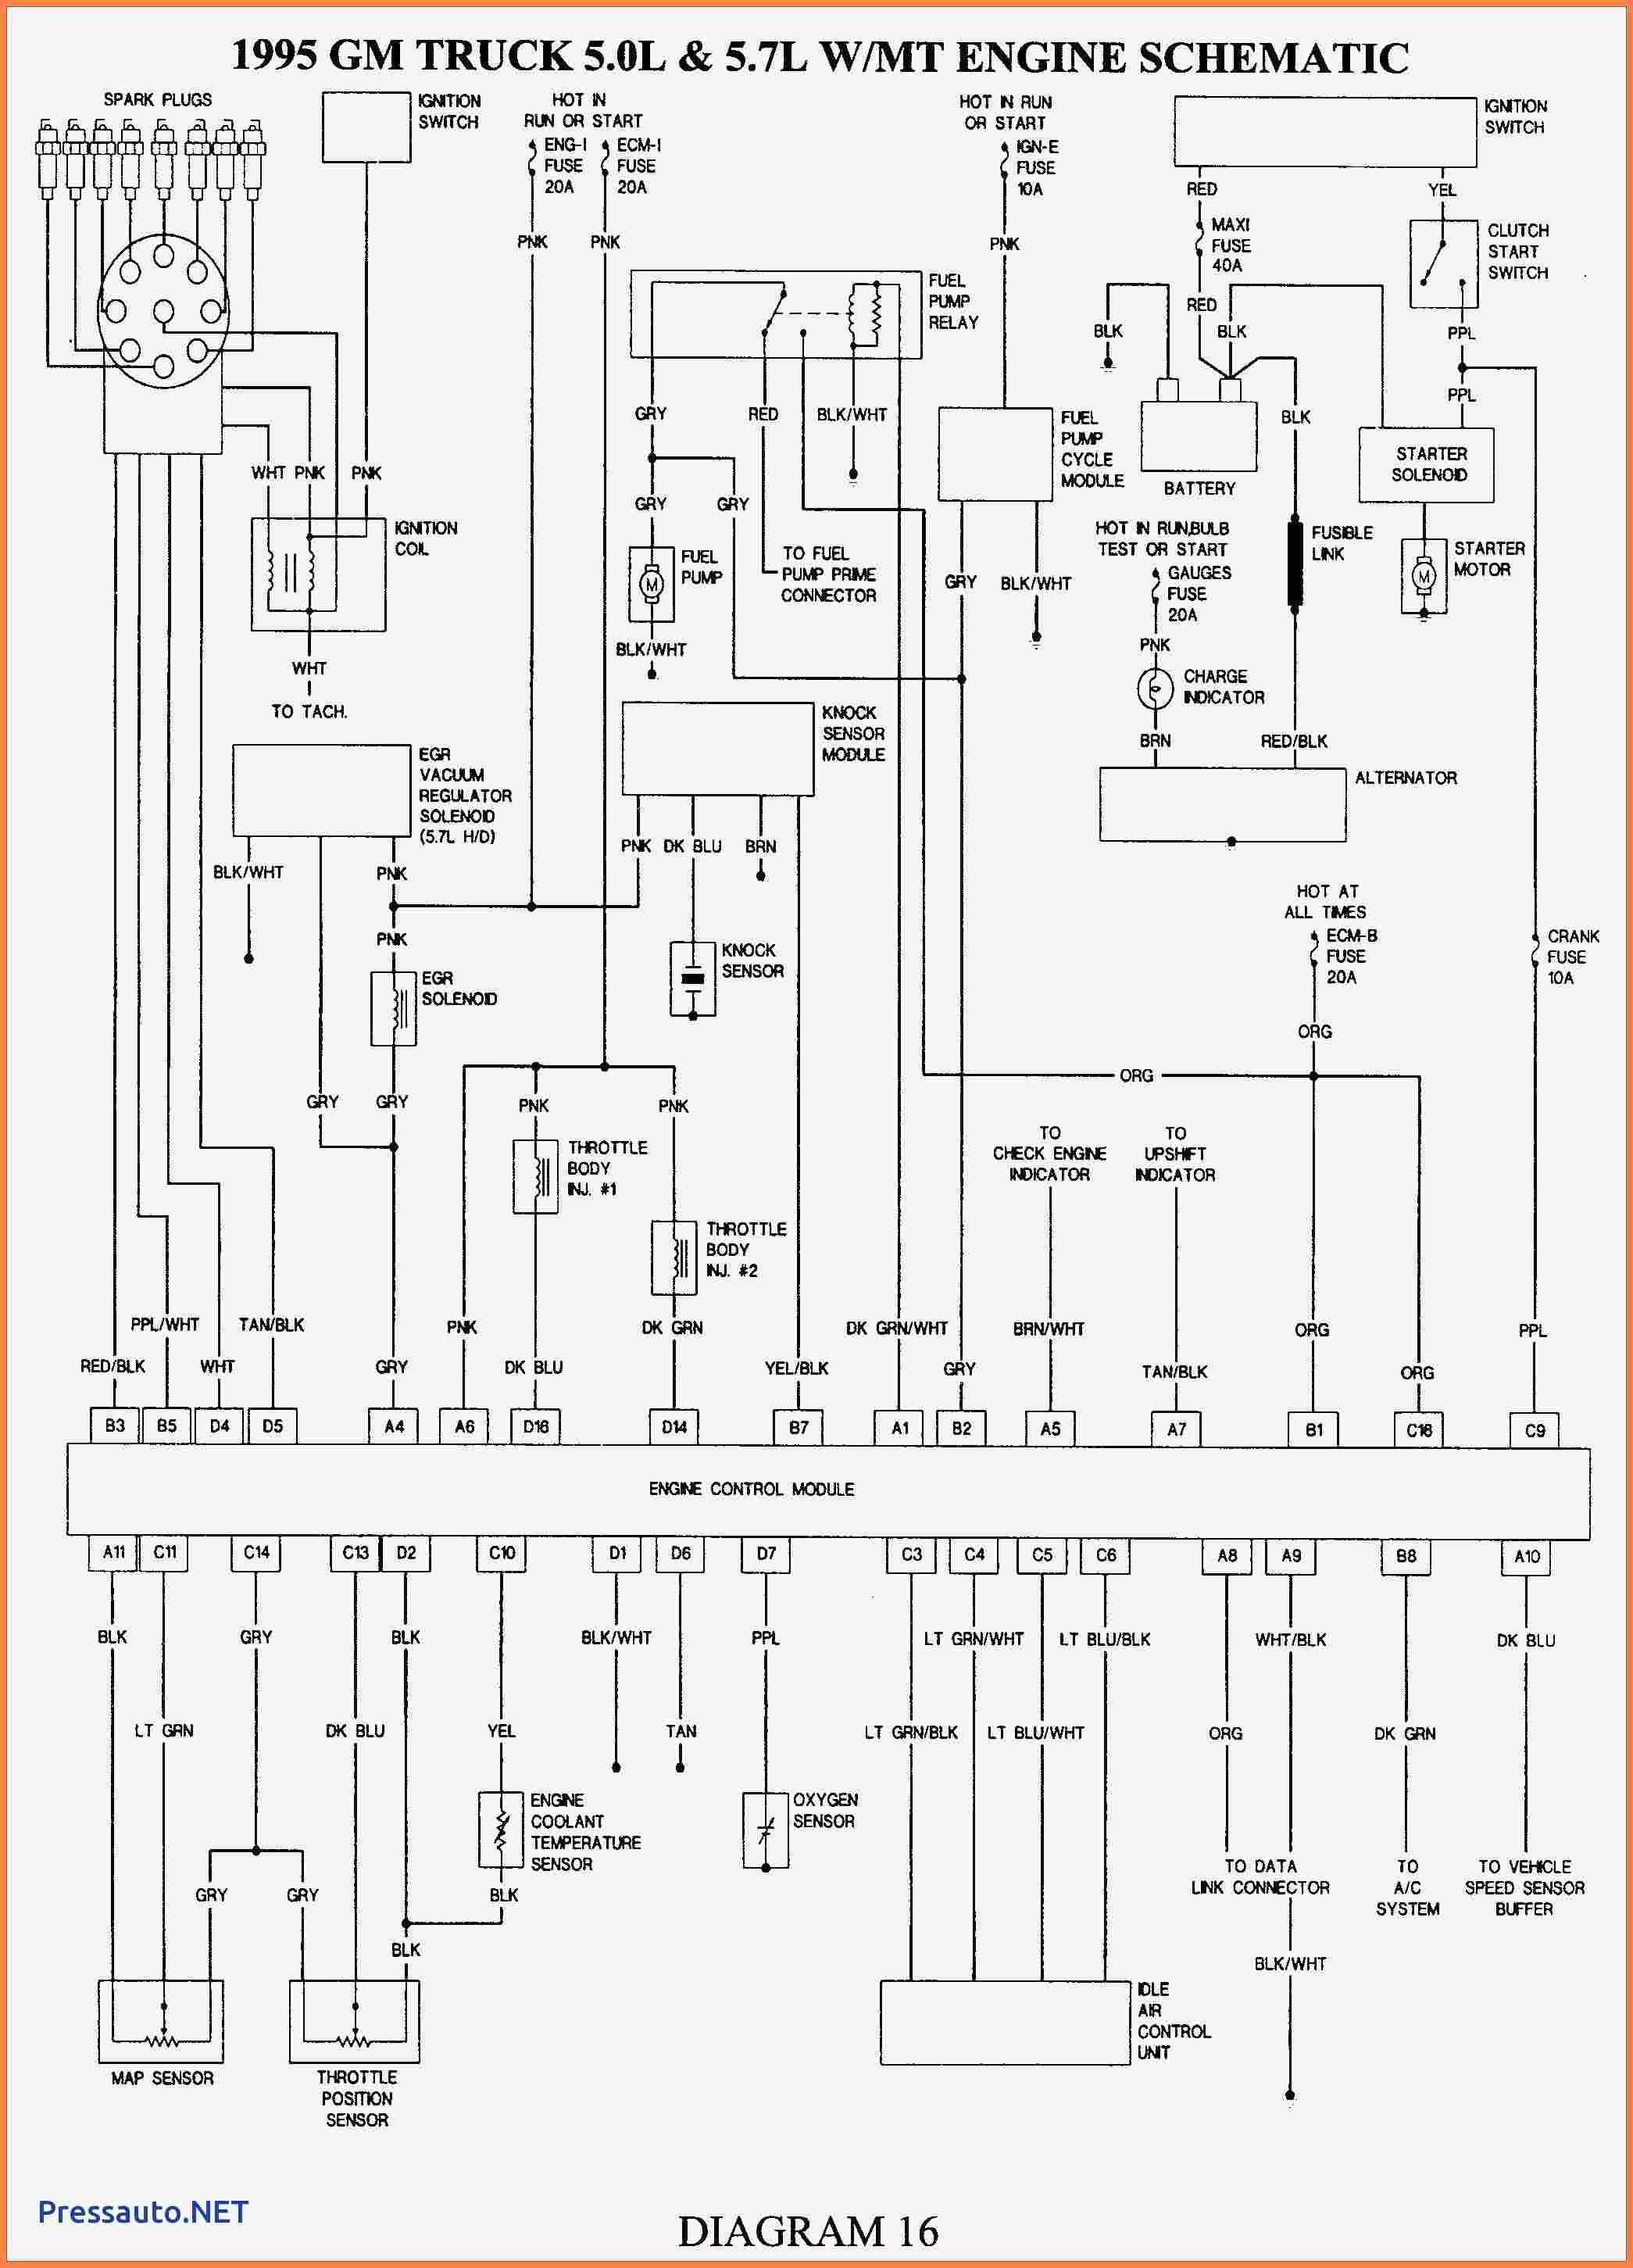 2003 Chevy Silverado Engine Diagram 2003 Chevy Silverado Engine Diagram Wiring Diagram Database Of 2003 Chevy Silverado Engine Diagram